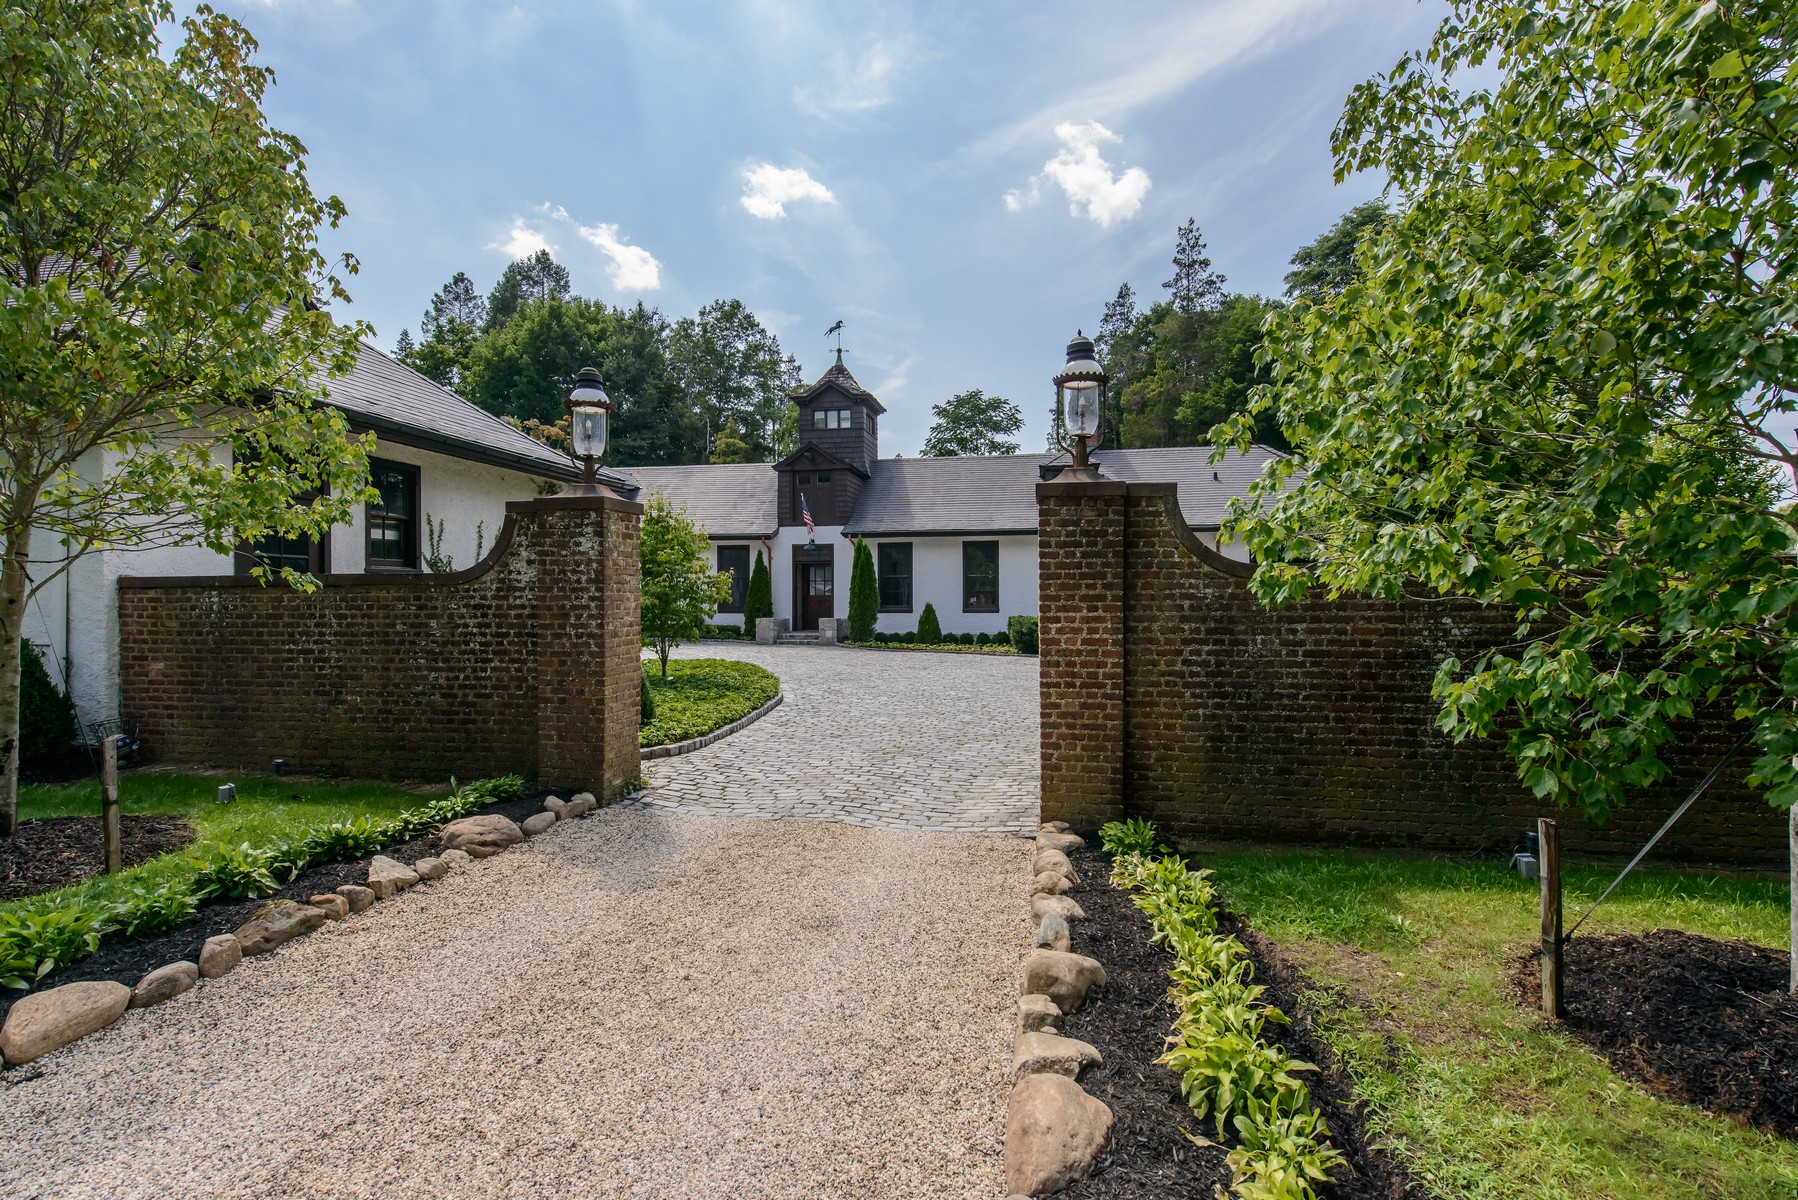 Villa per Vendita alle ore AntiqueHist 52 Sandy Hill Rd Oyster Bay Cove, New York, 11771 Stati Uniti